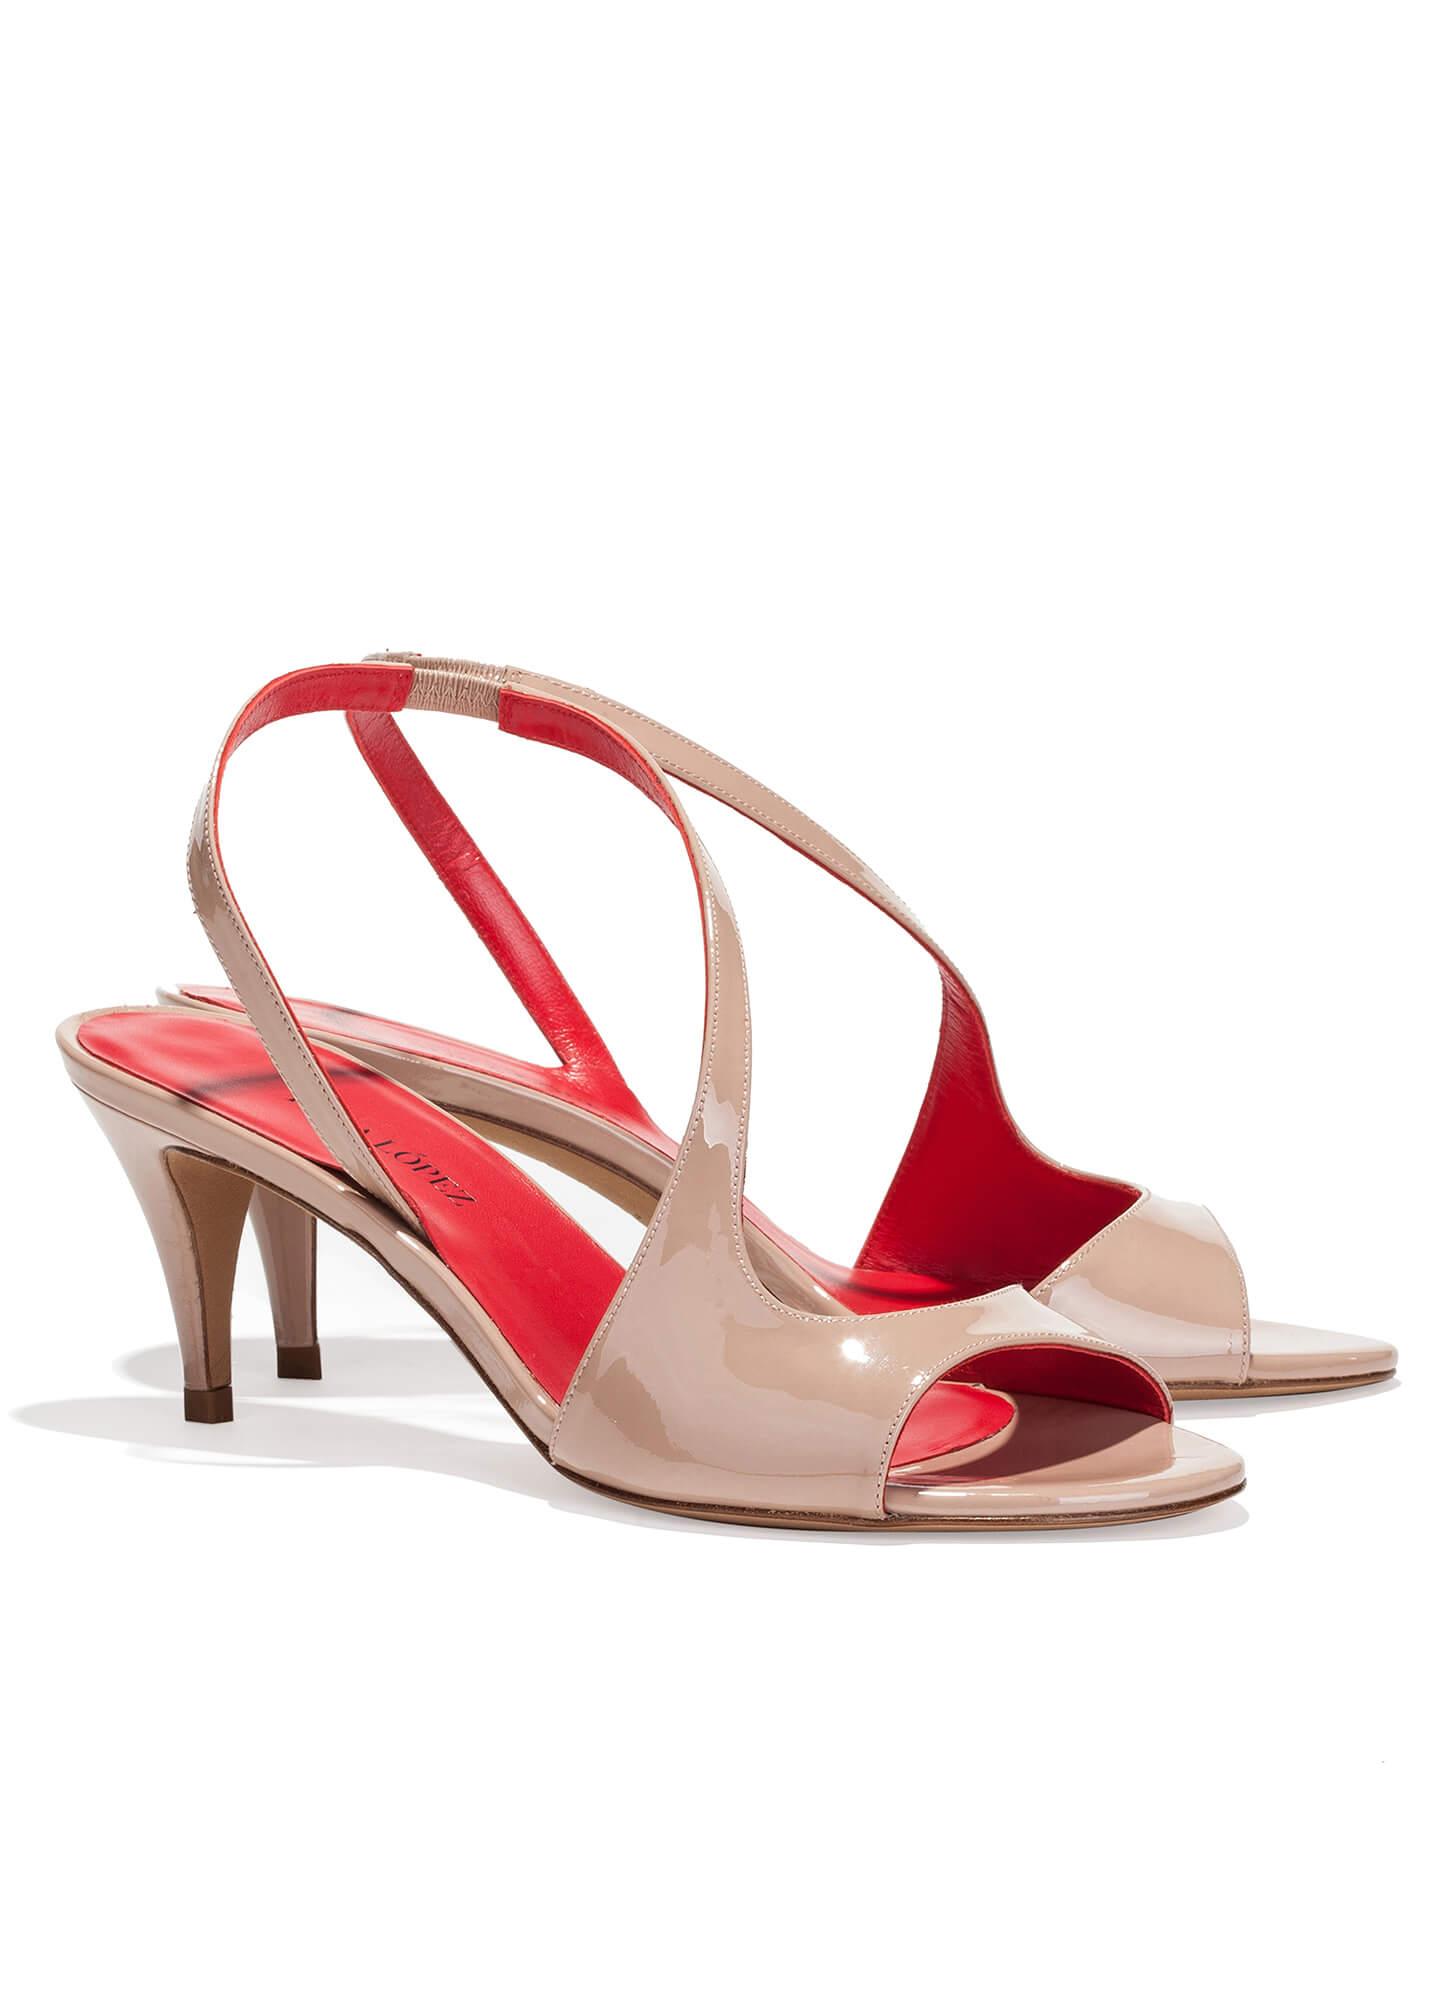 Zapatos Medio López Pura Tacón De Sandalia Tienda Charol En RYpva